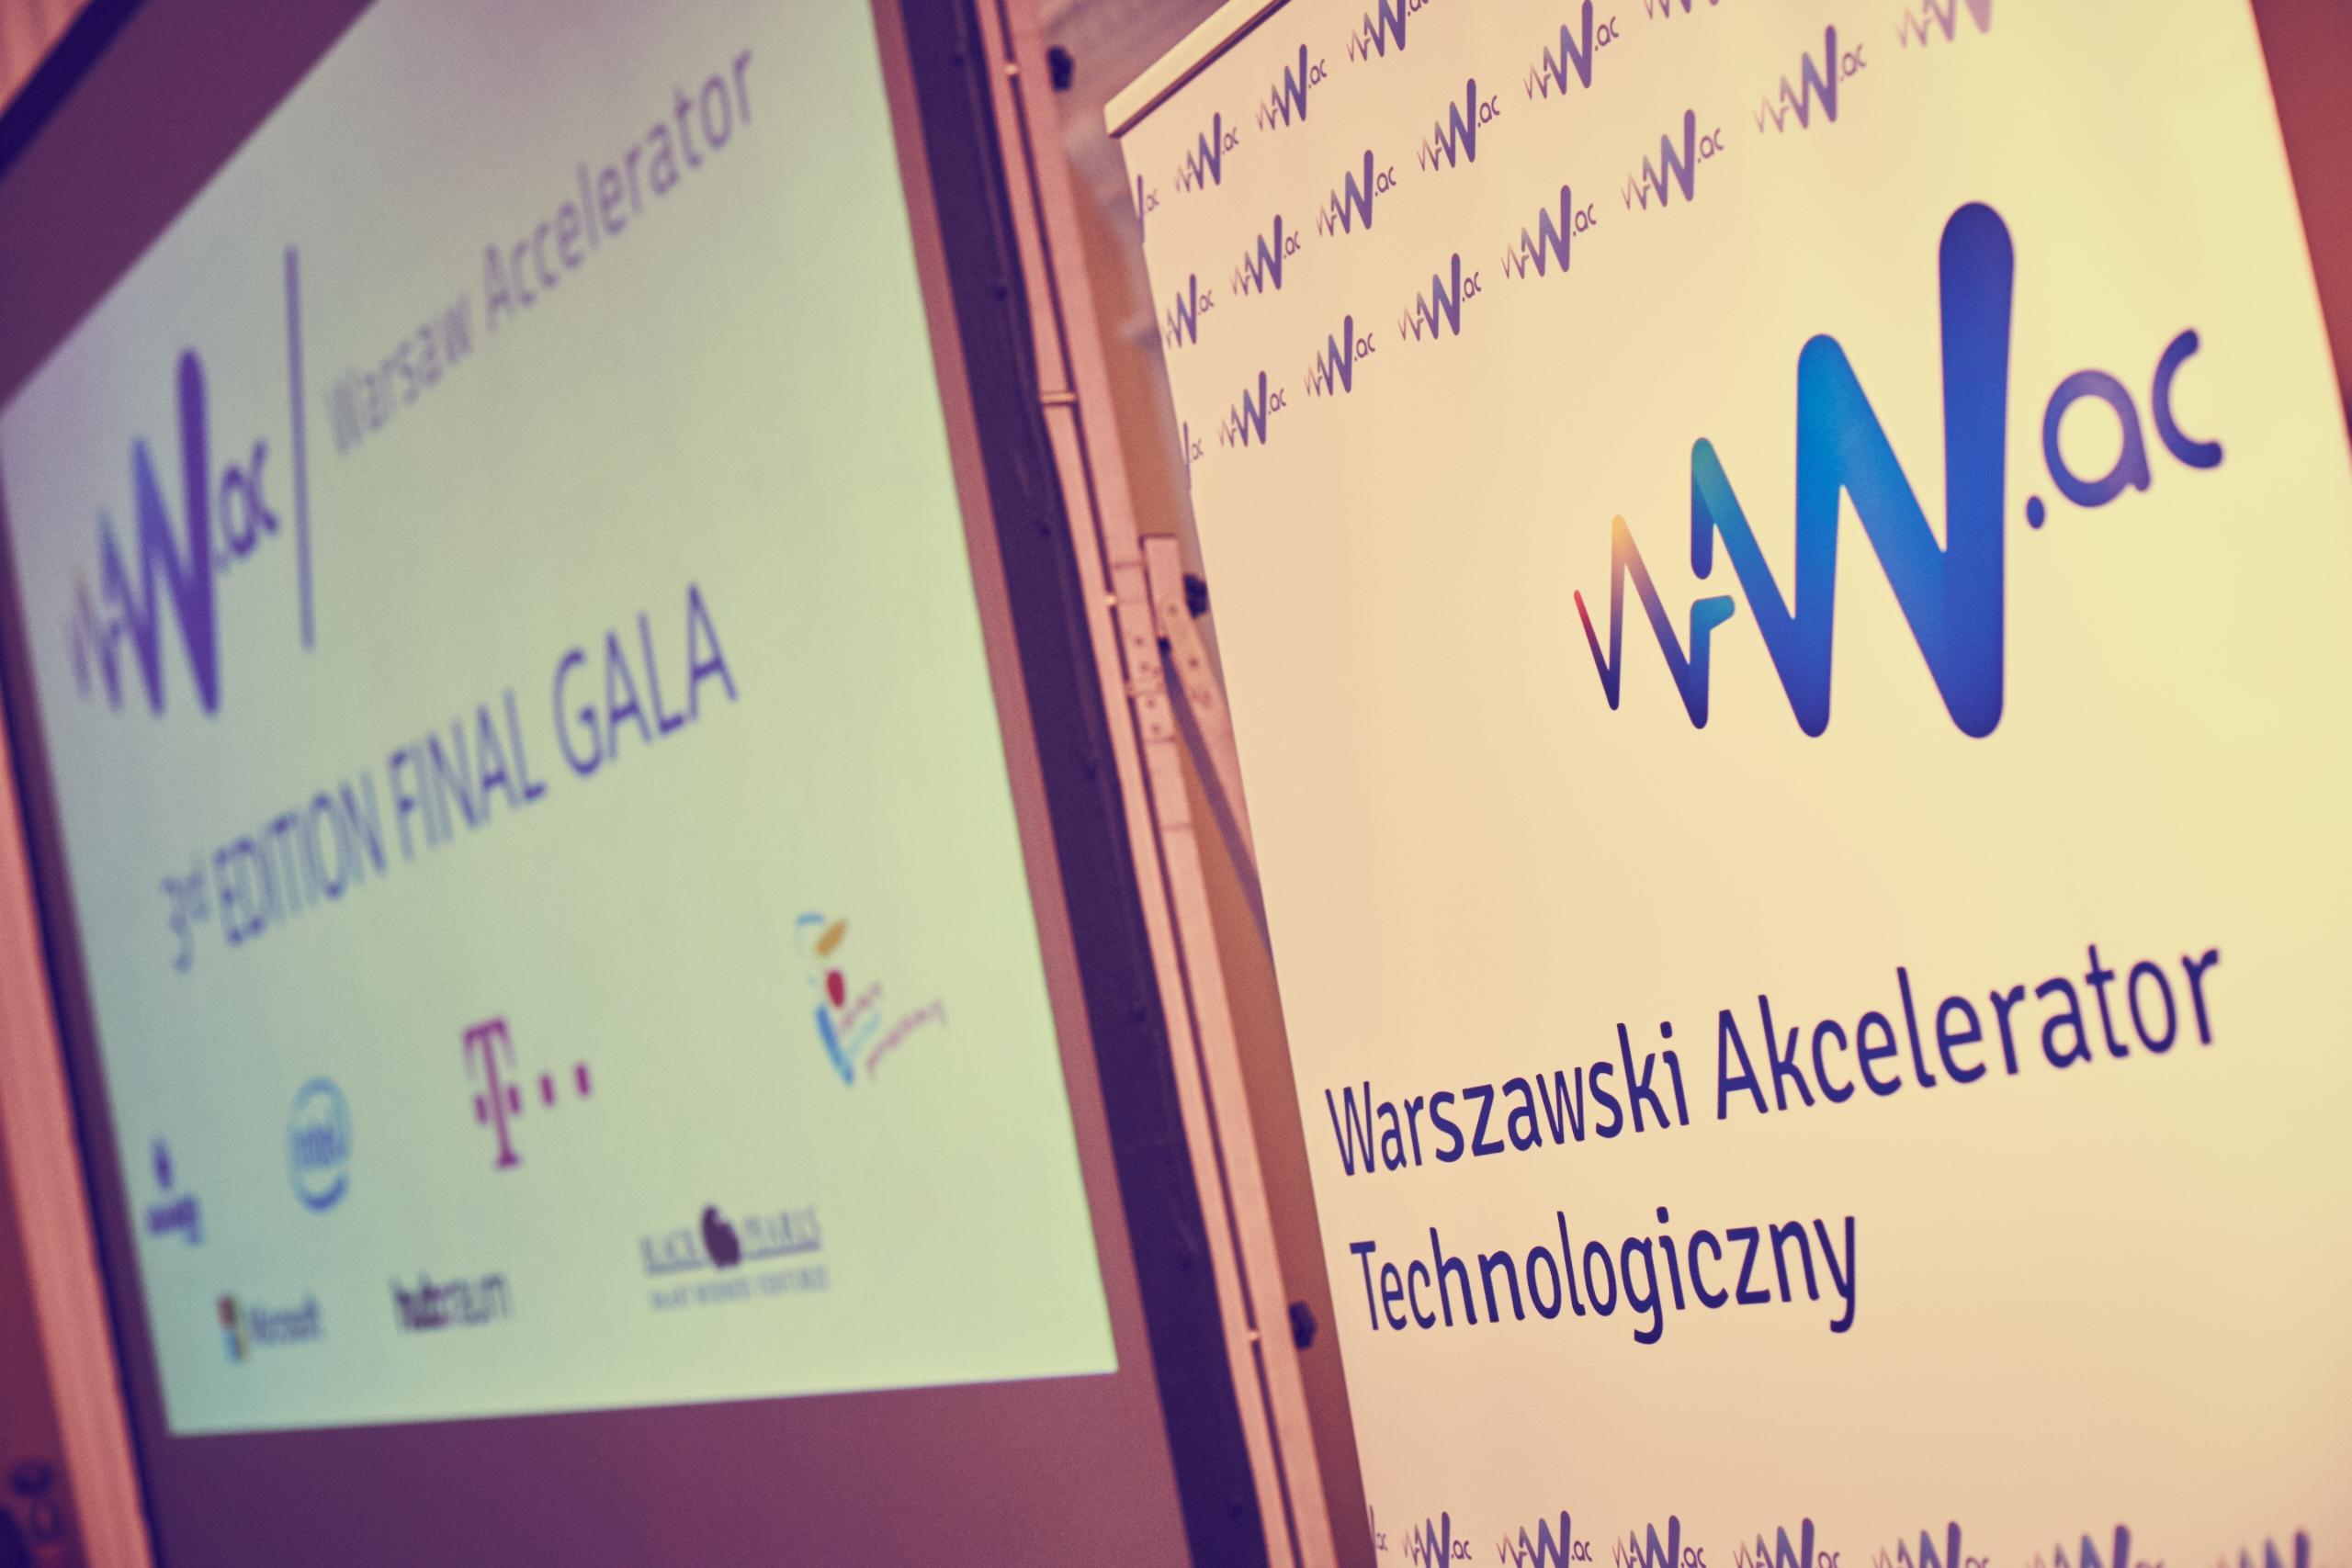 warszawski-akcelerator-technologiczny